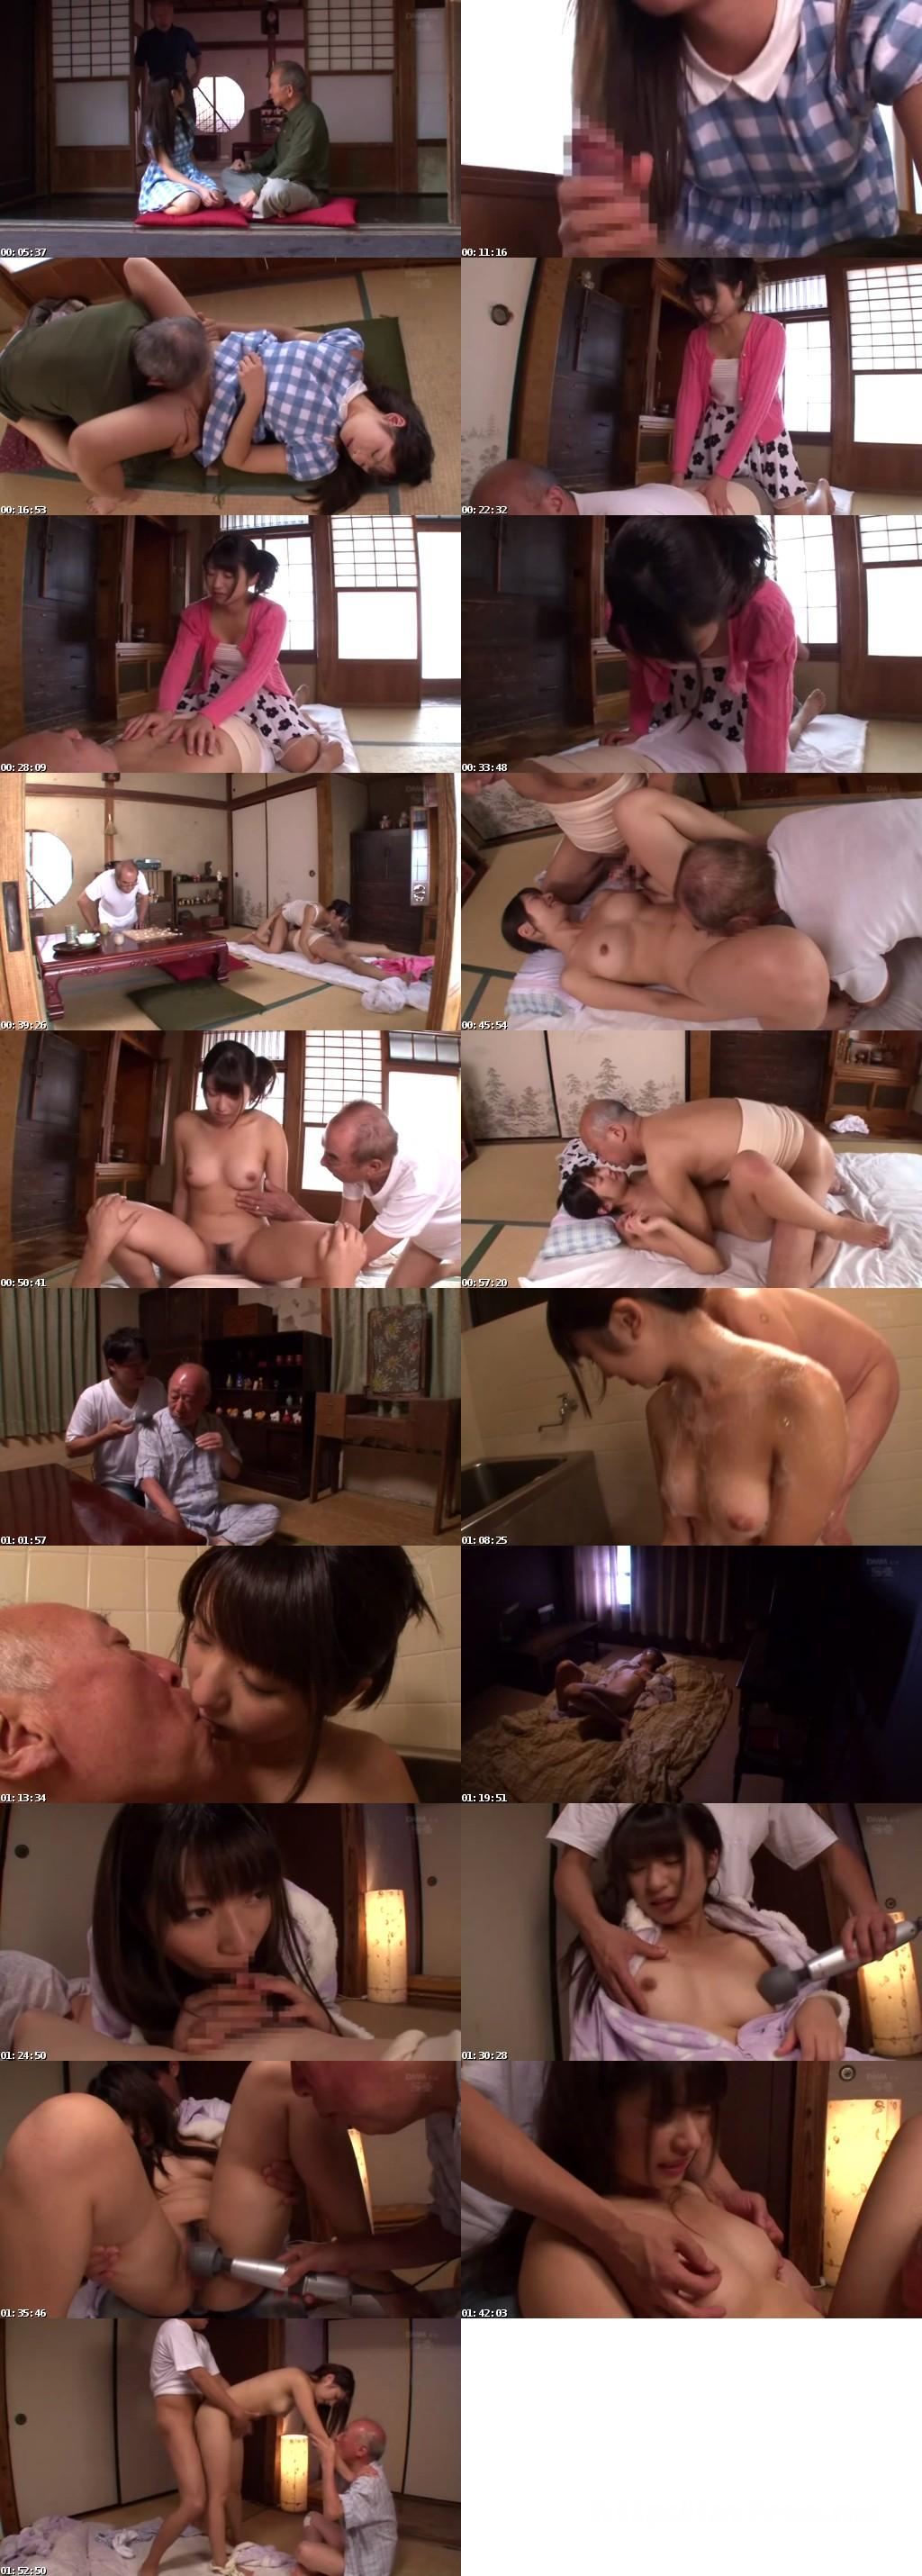 [SNIS 126] おじいちゃん大好き! 緒川りお 緒川りお SNIS